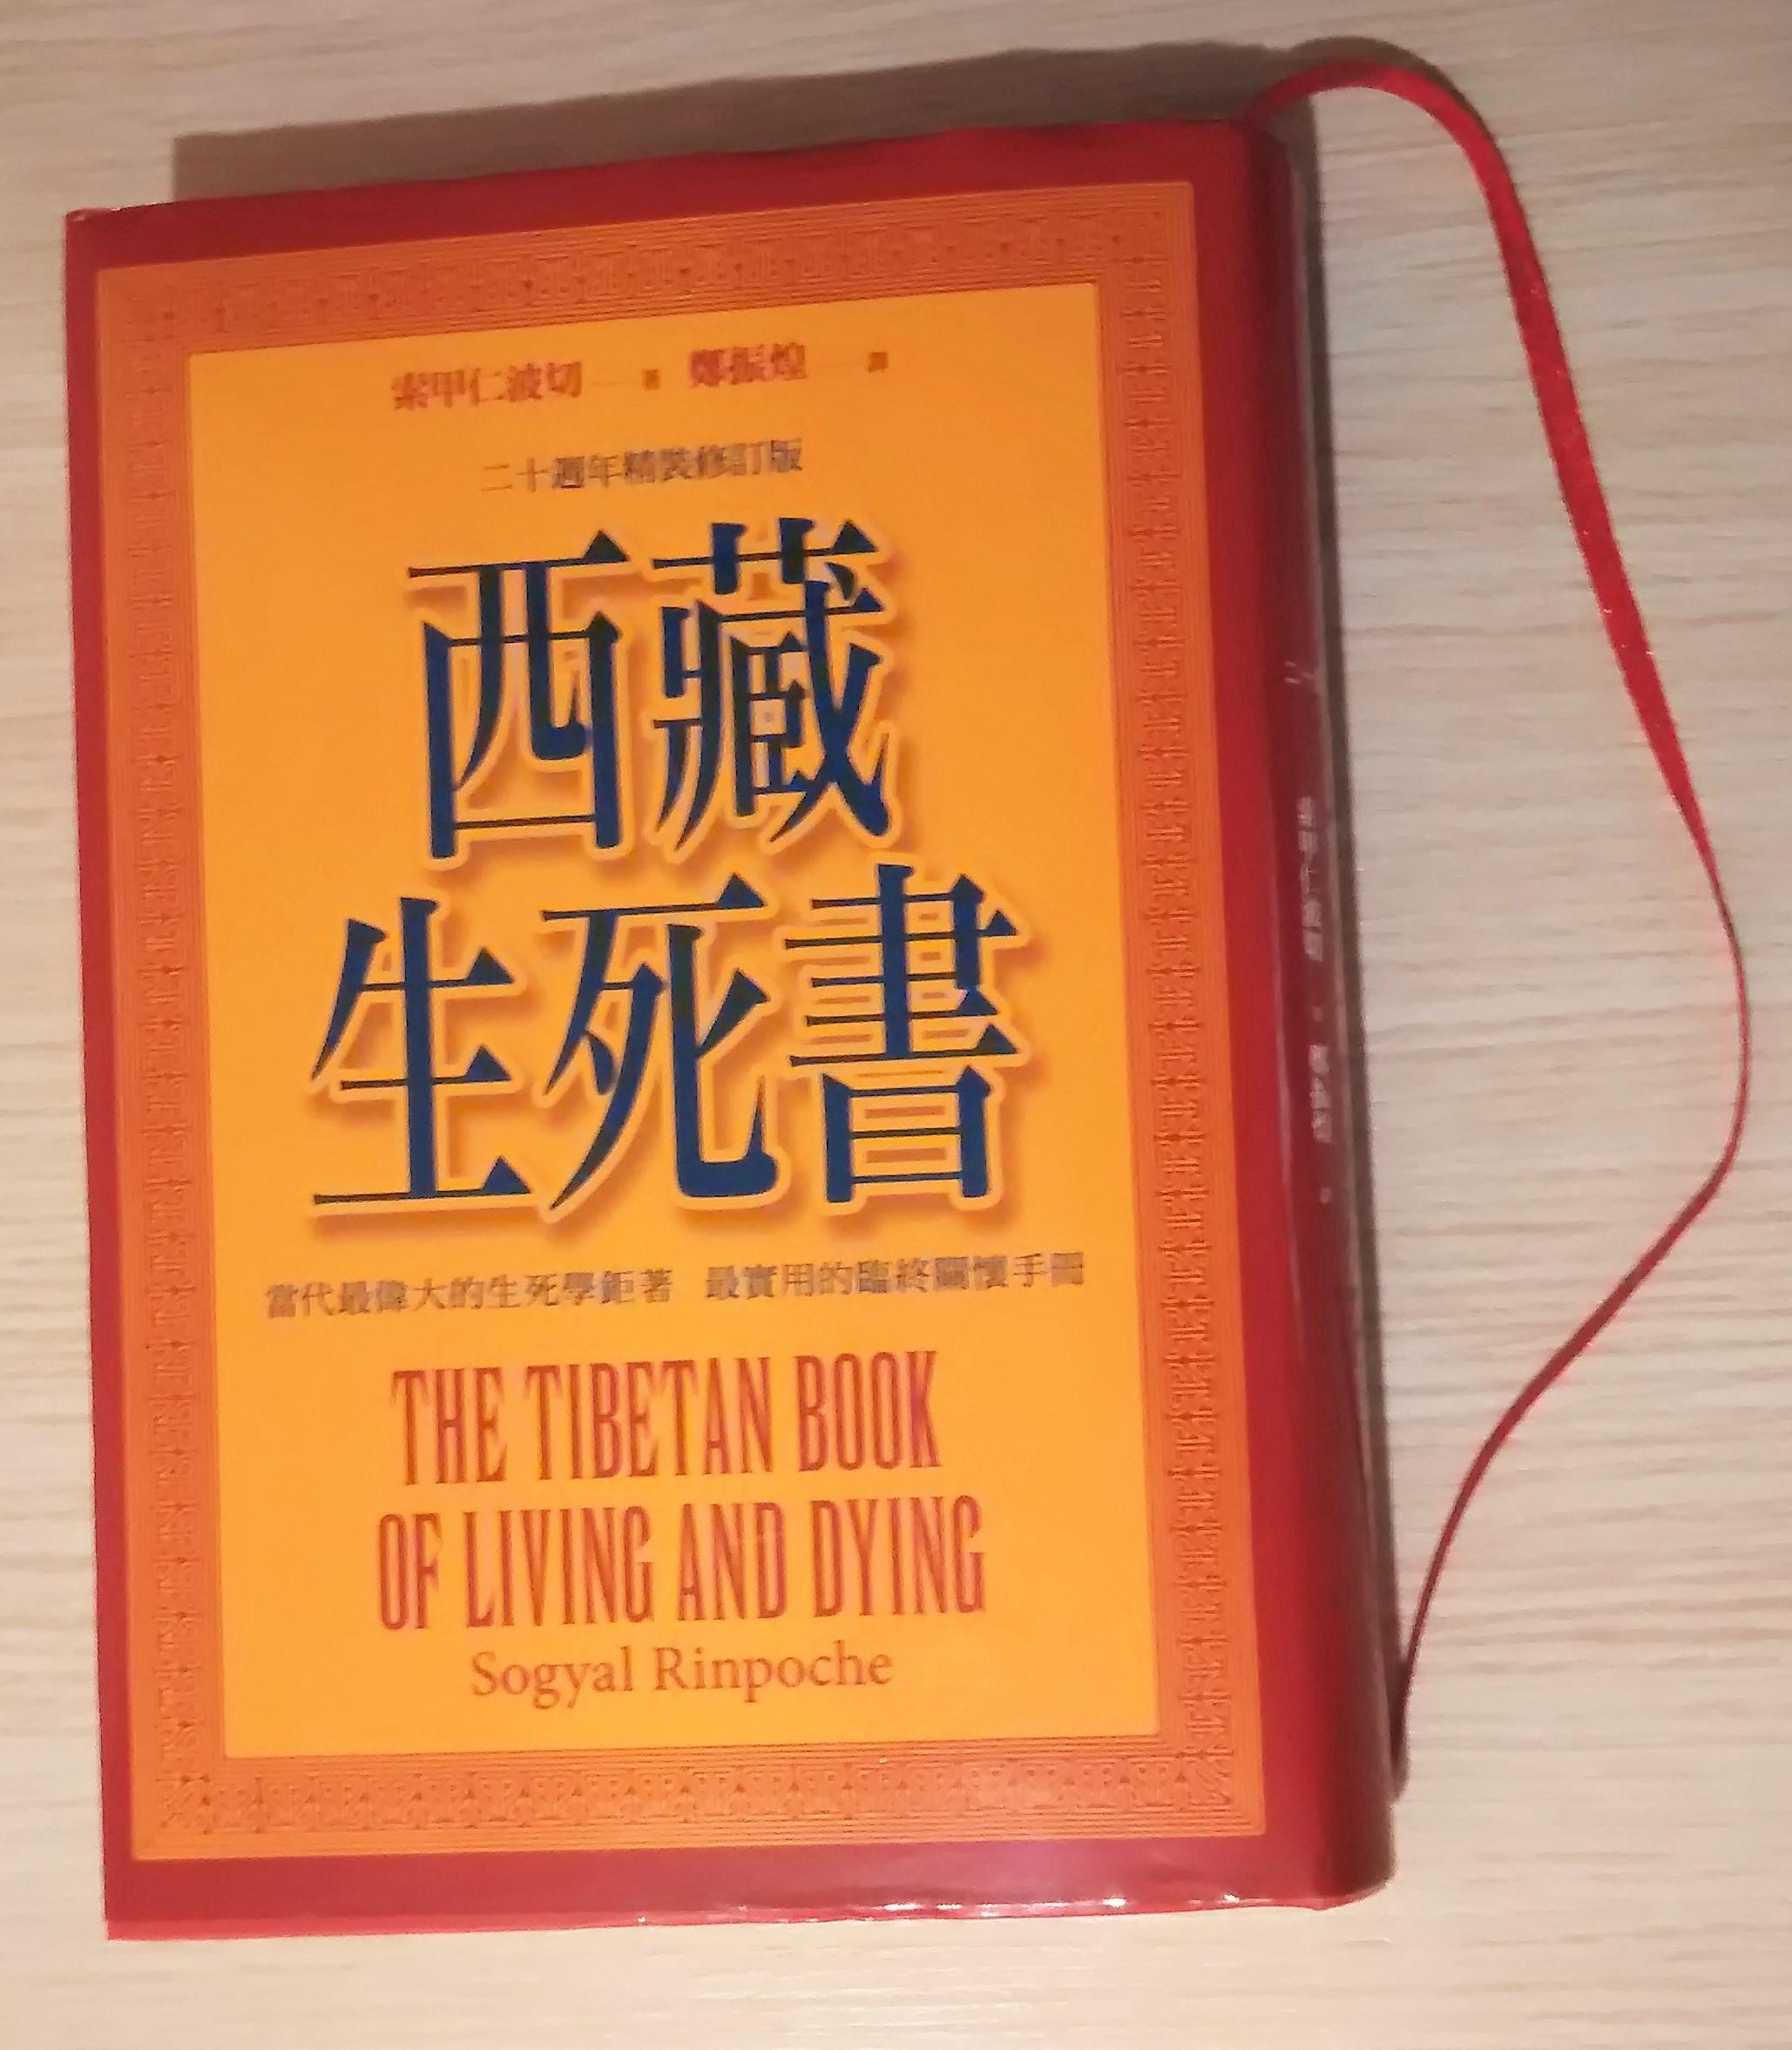 讀書報告:《西藏生死書》索甲仁波切